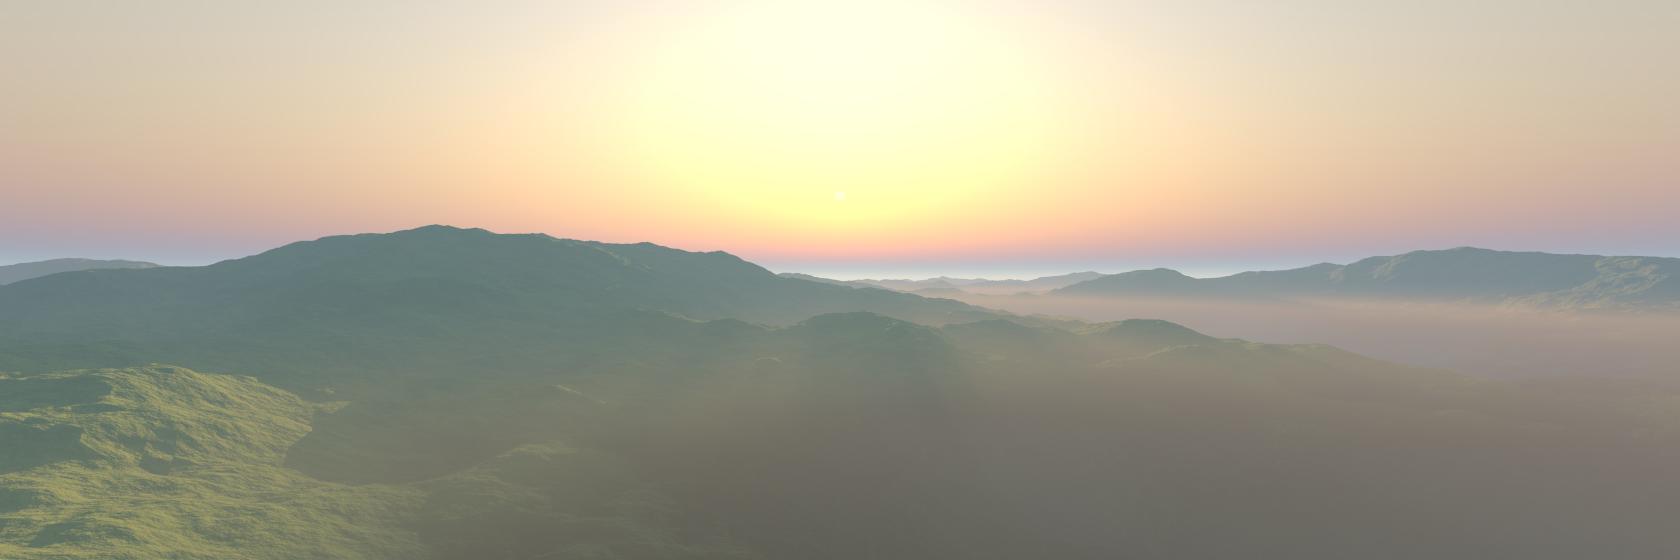 Calm Hills - Aerial View